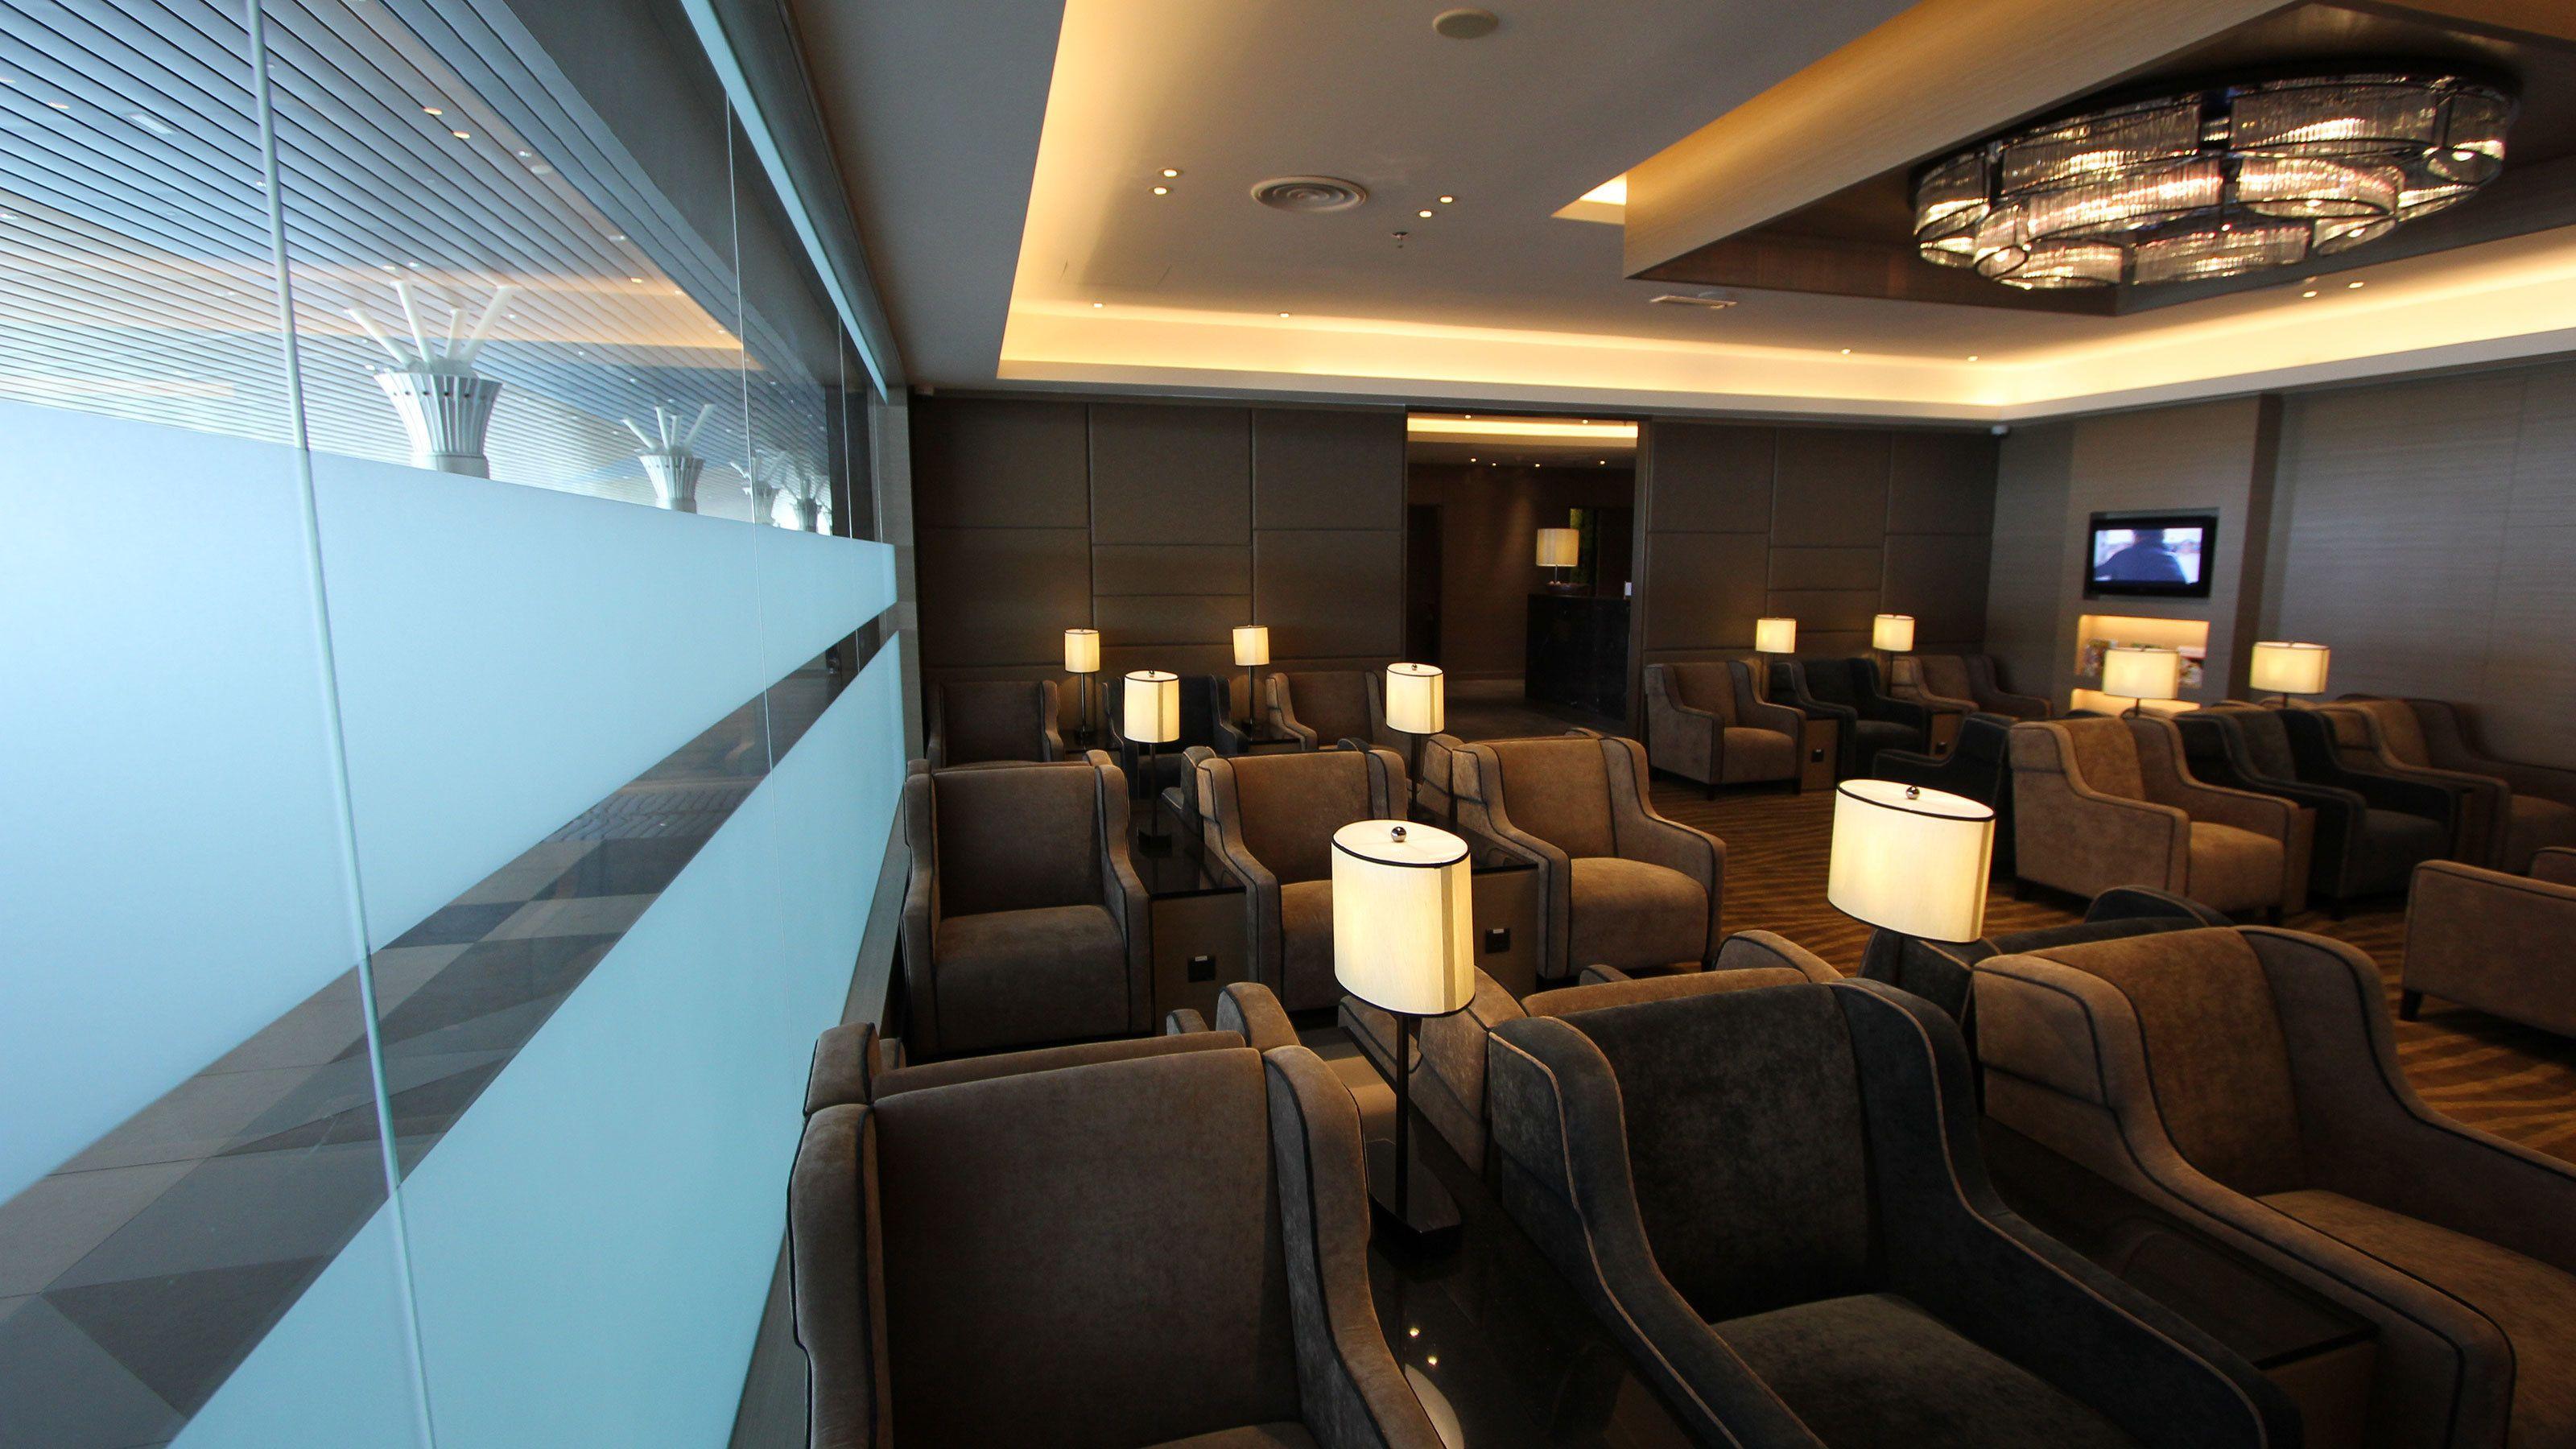 Plaza Premium Lounge at Kota Kinabalu International Airport (BKI)